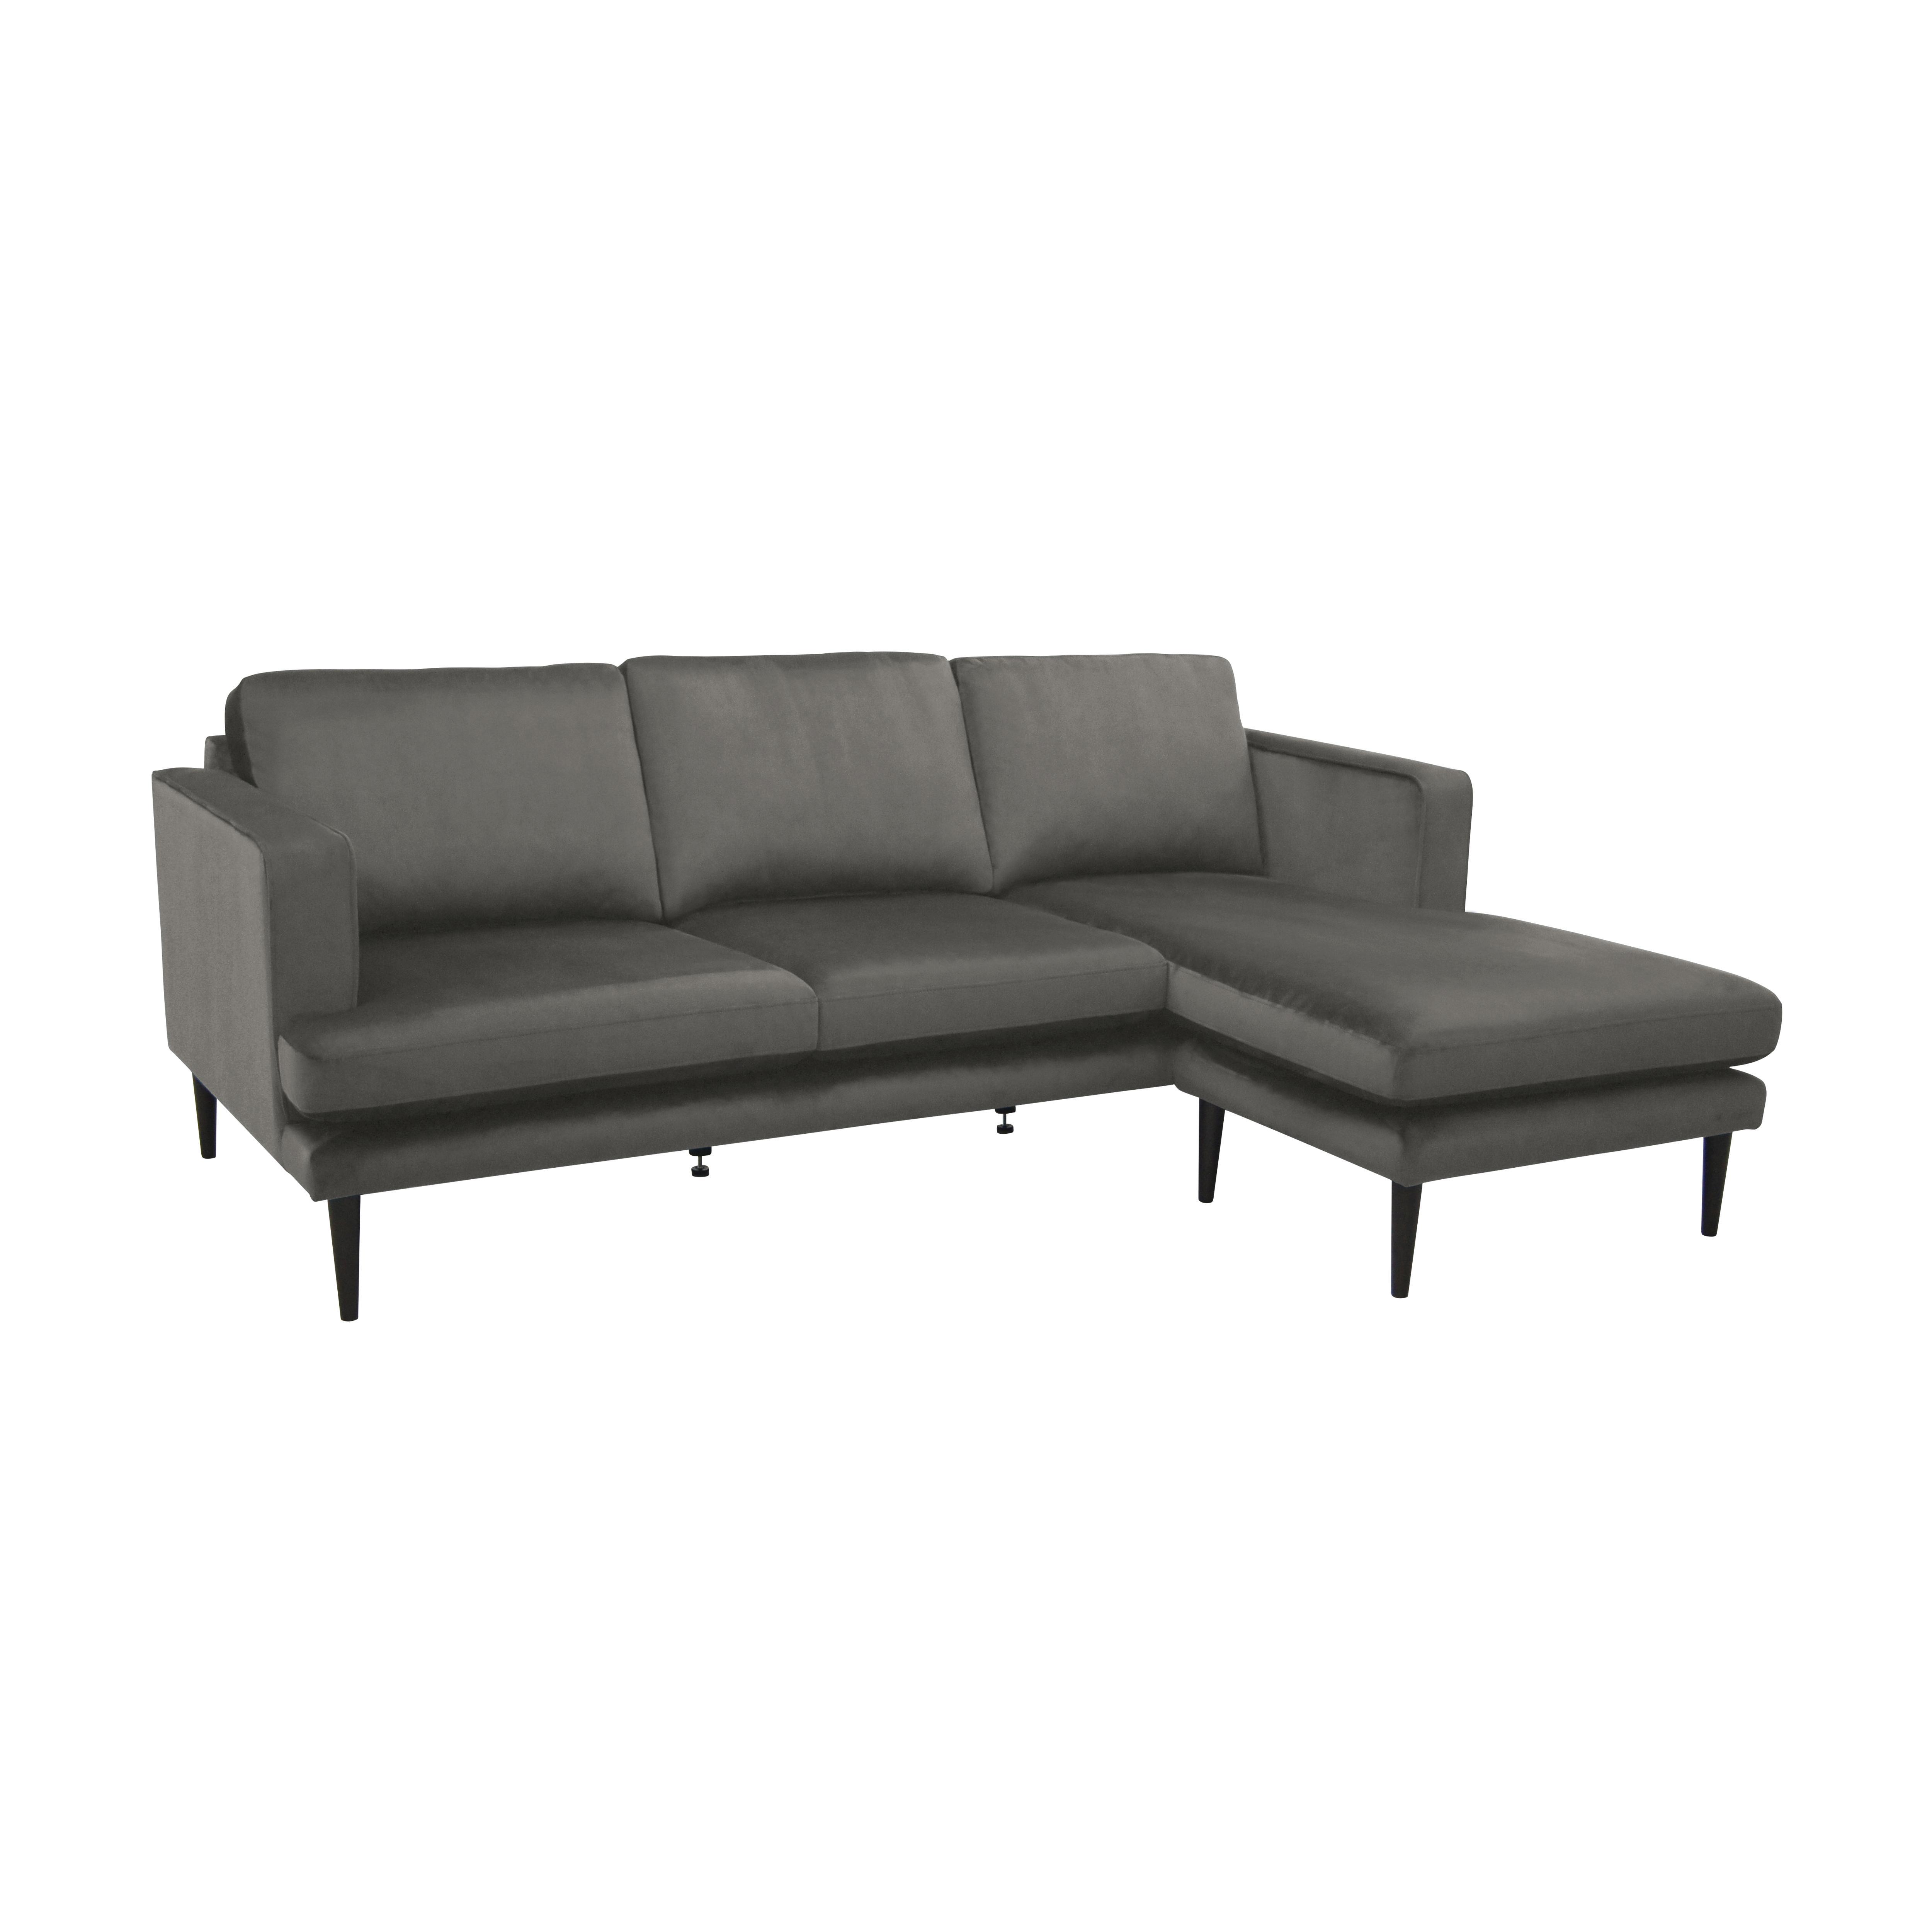 Molise four seater lounger sofa alba velvet grey